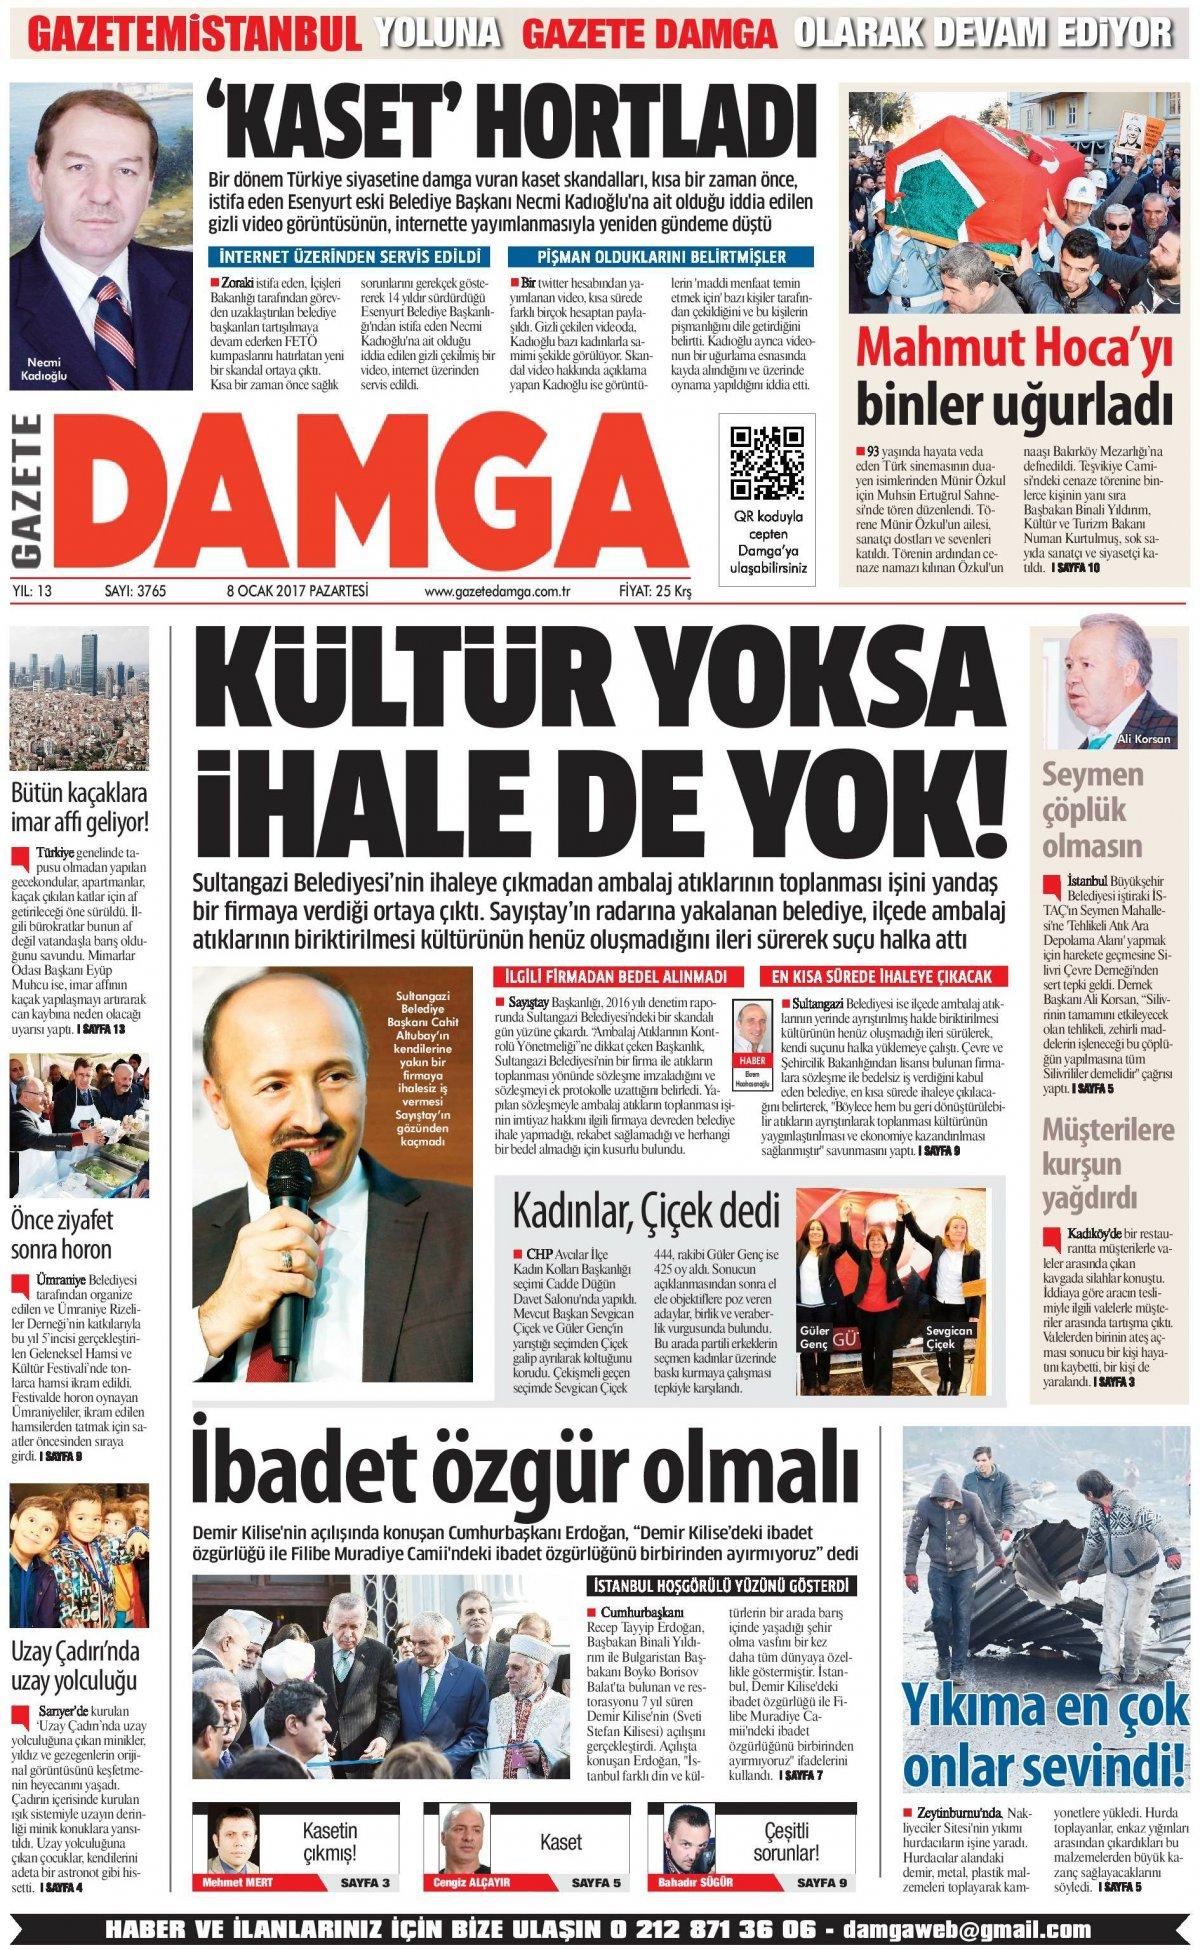 Gazete Damga - 08.01.2018 Manşeti